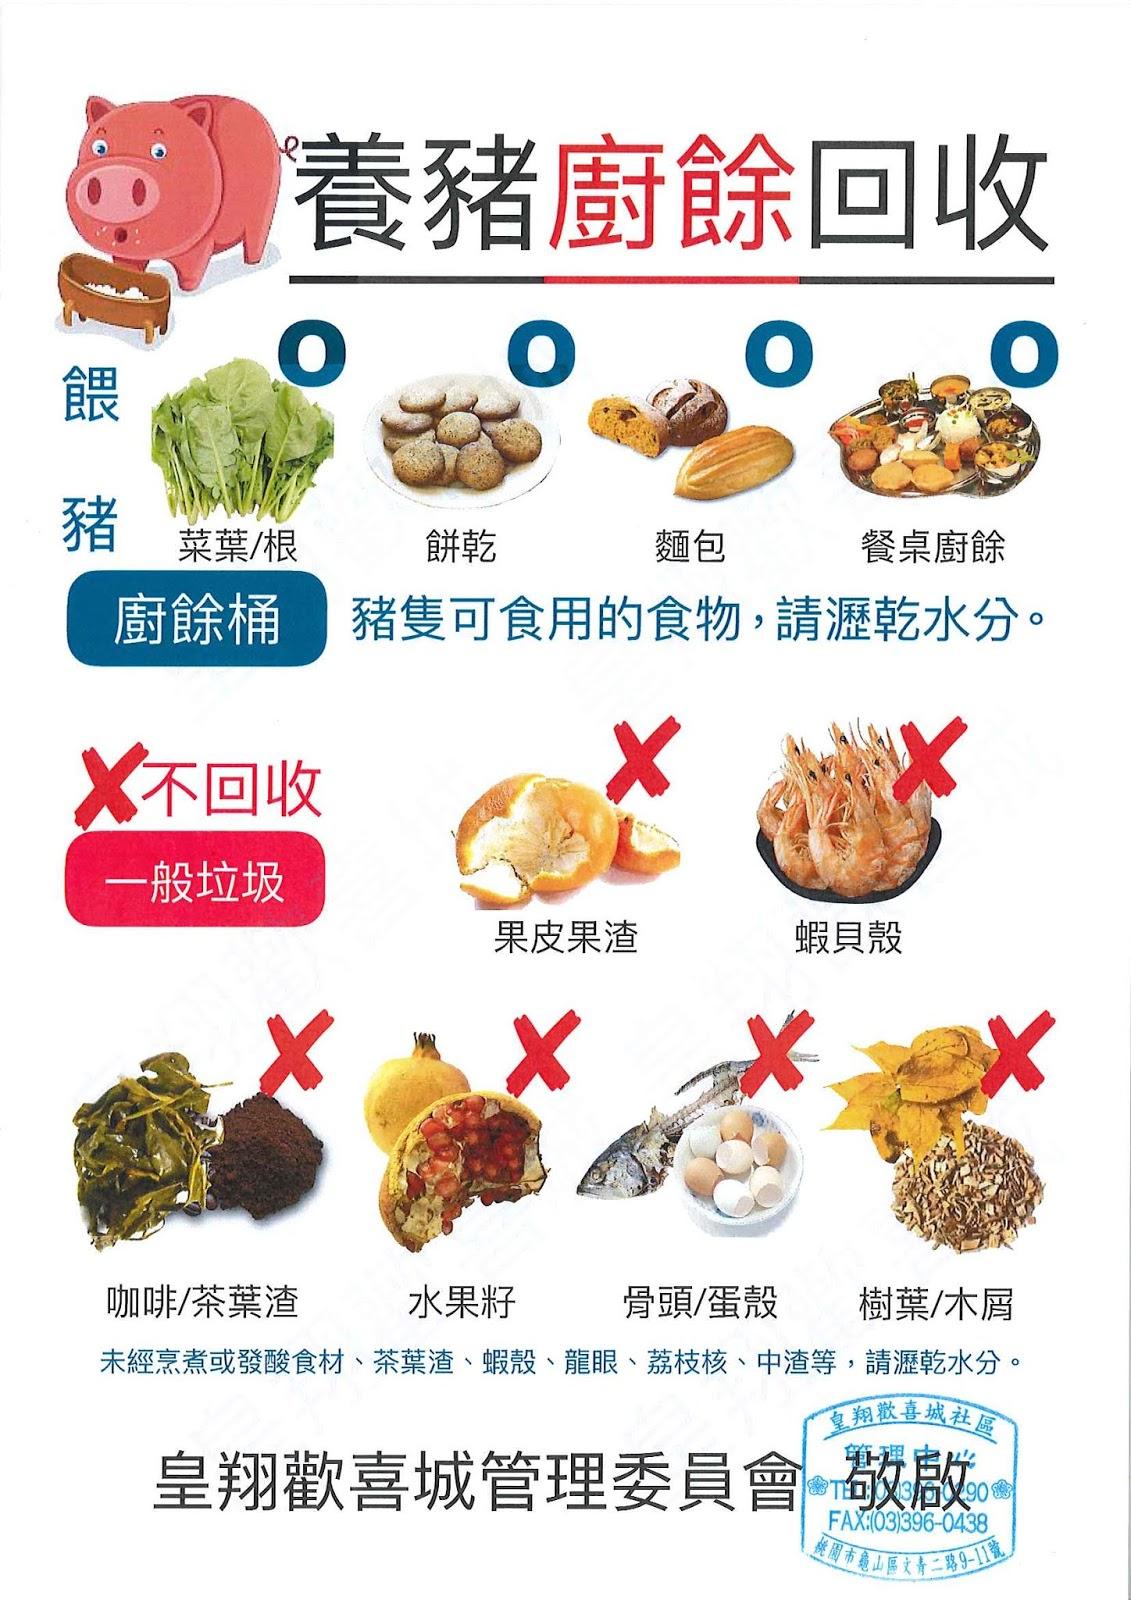 廚餘回收分類說明公告